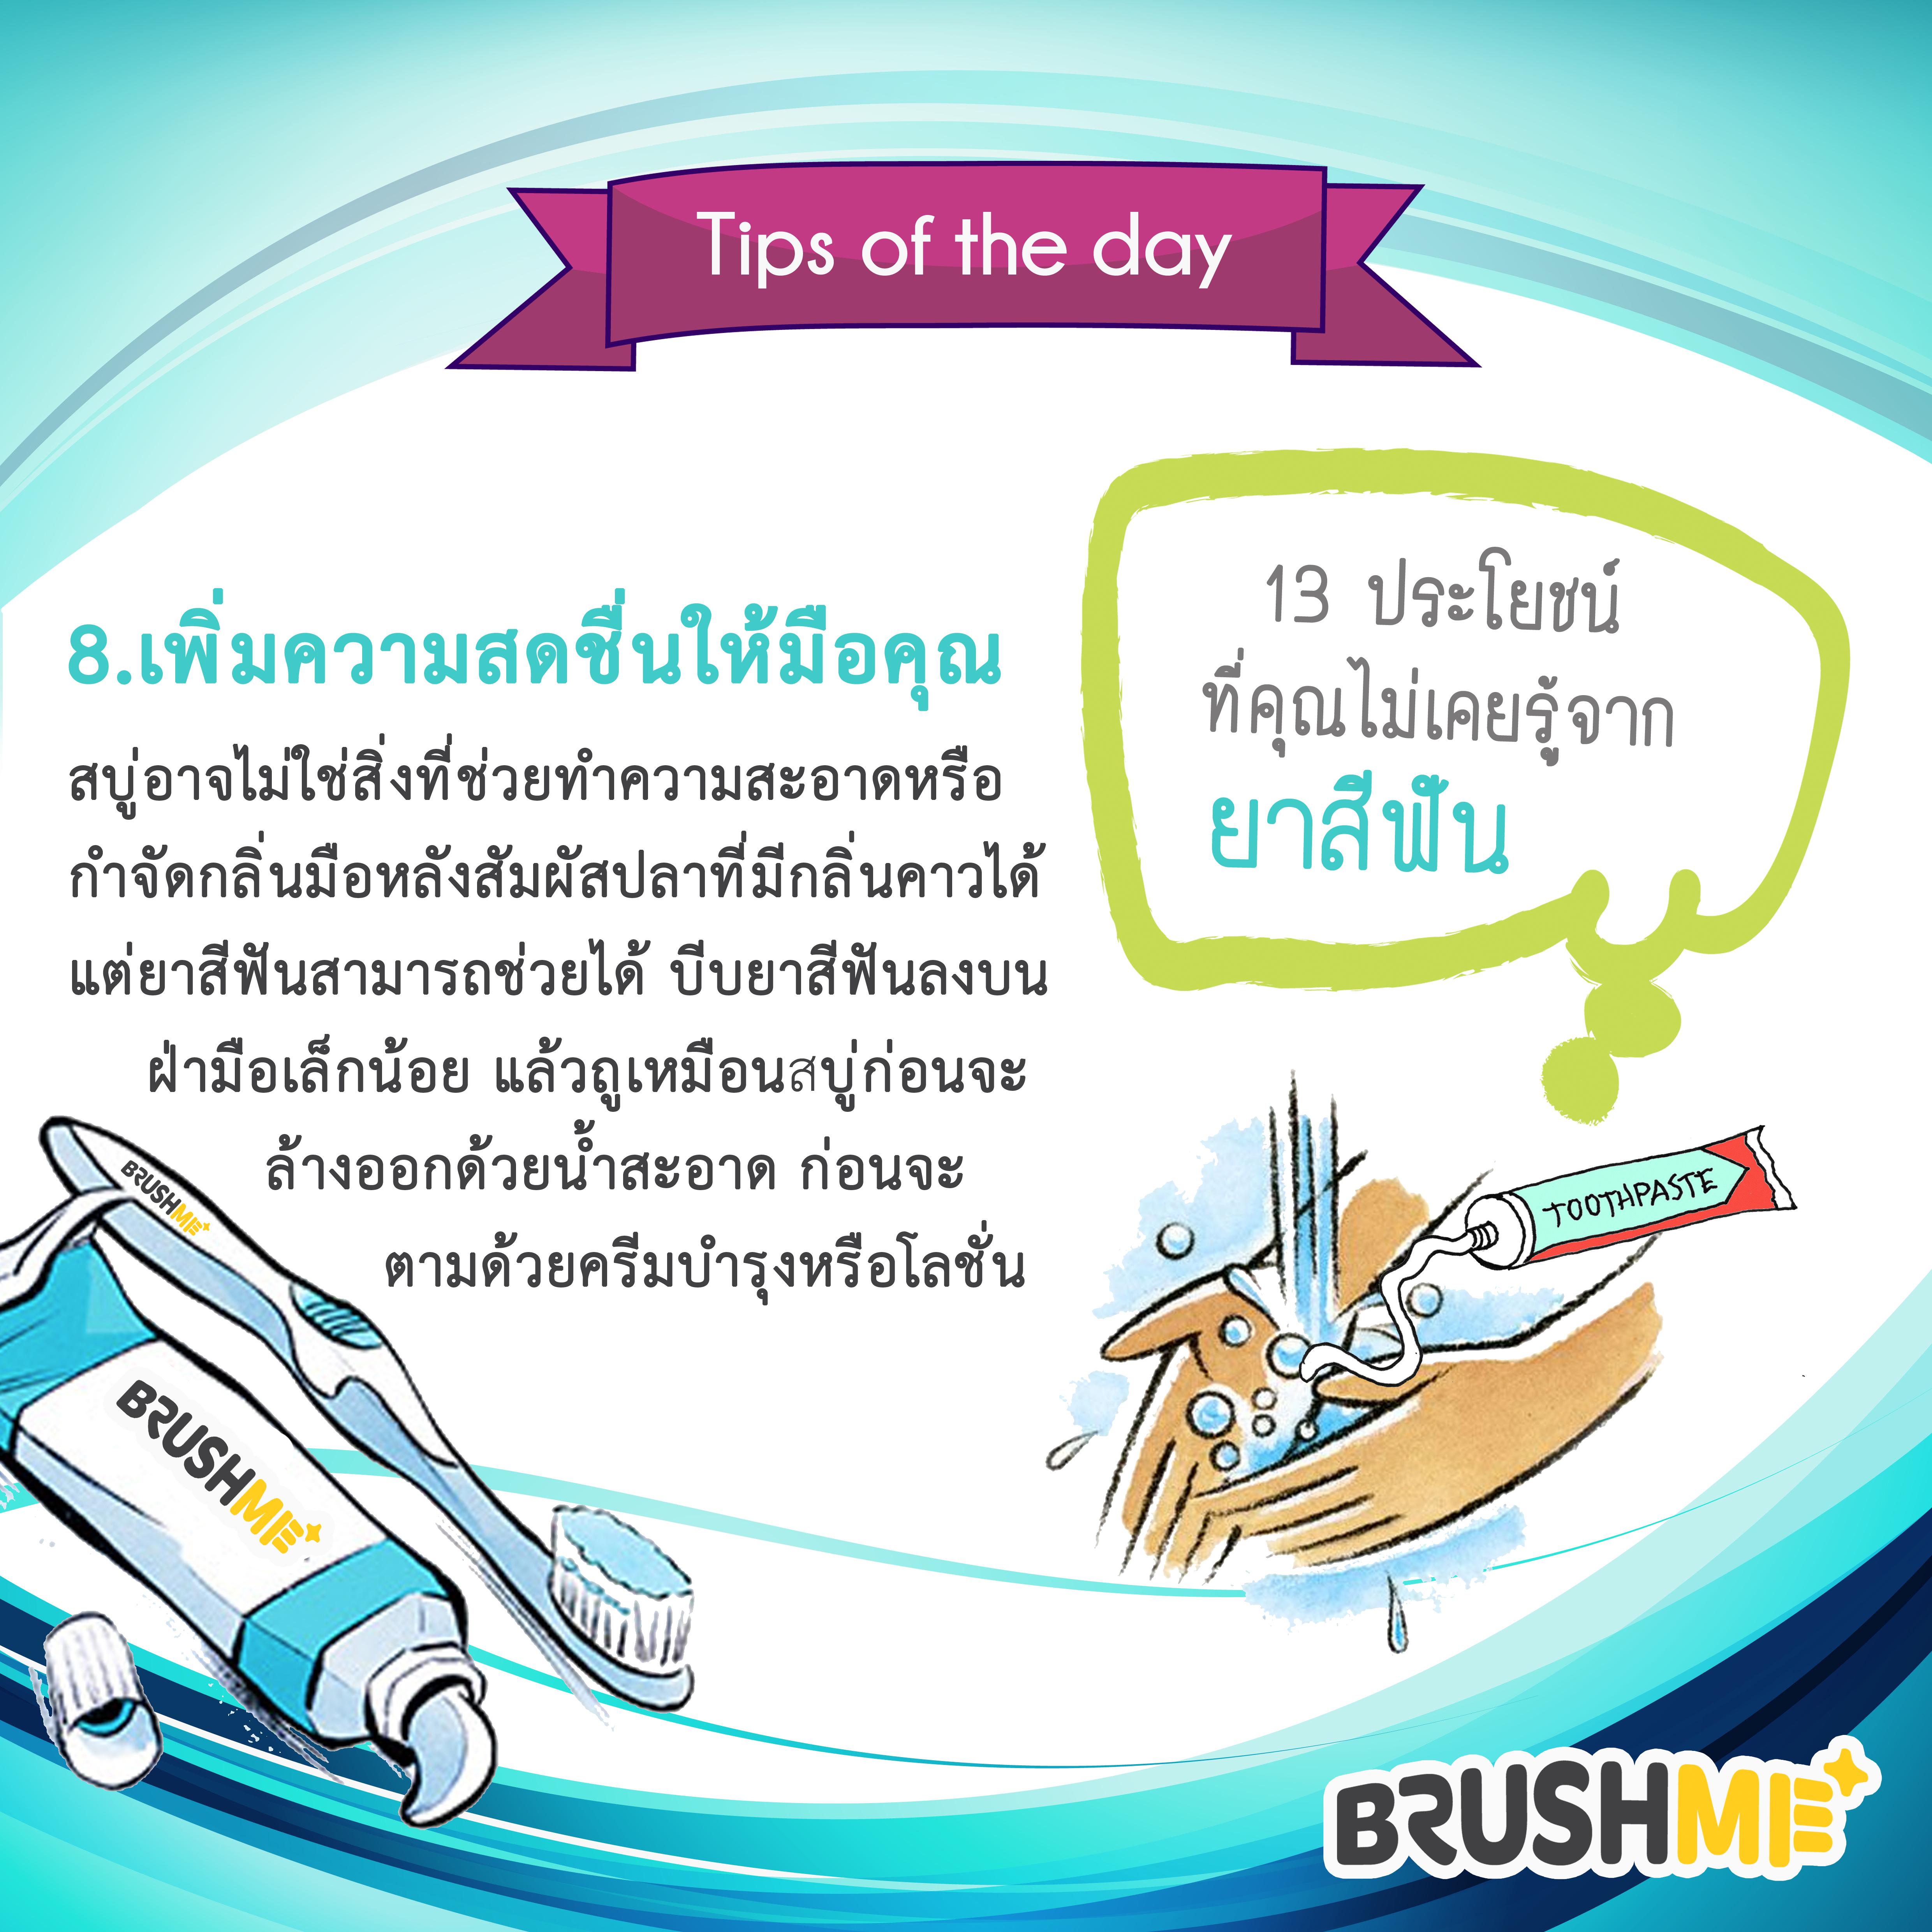 13 ประโยชน์จากการใช้ยาสีฟัน